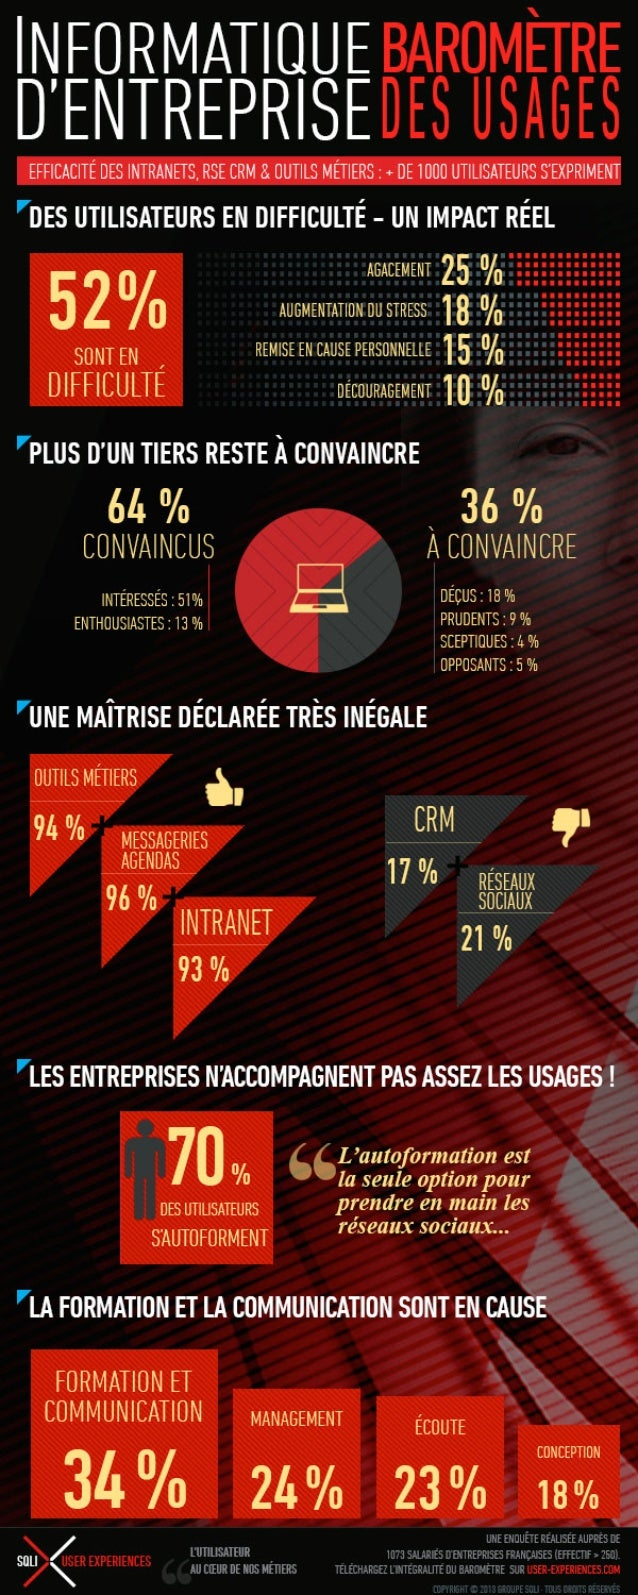 [Infographie] Usages et perception de l'informatique d'entreprise